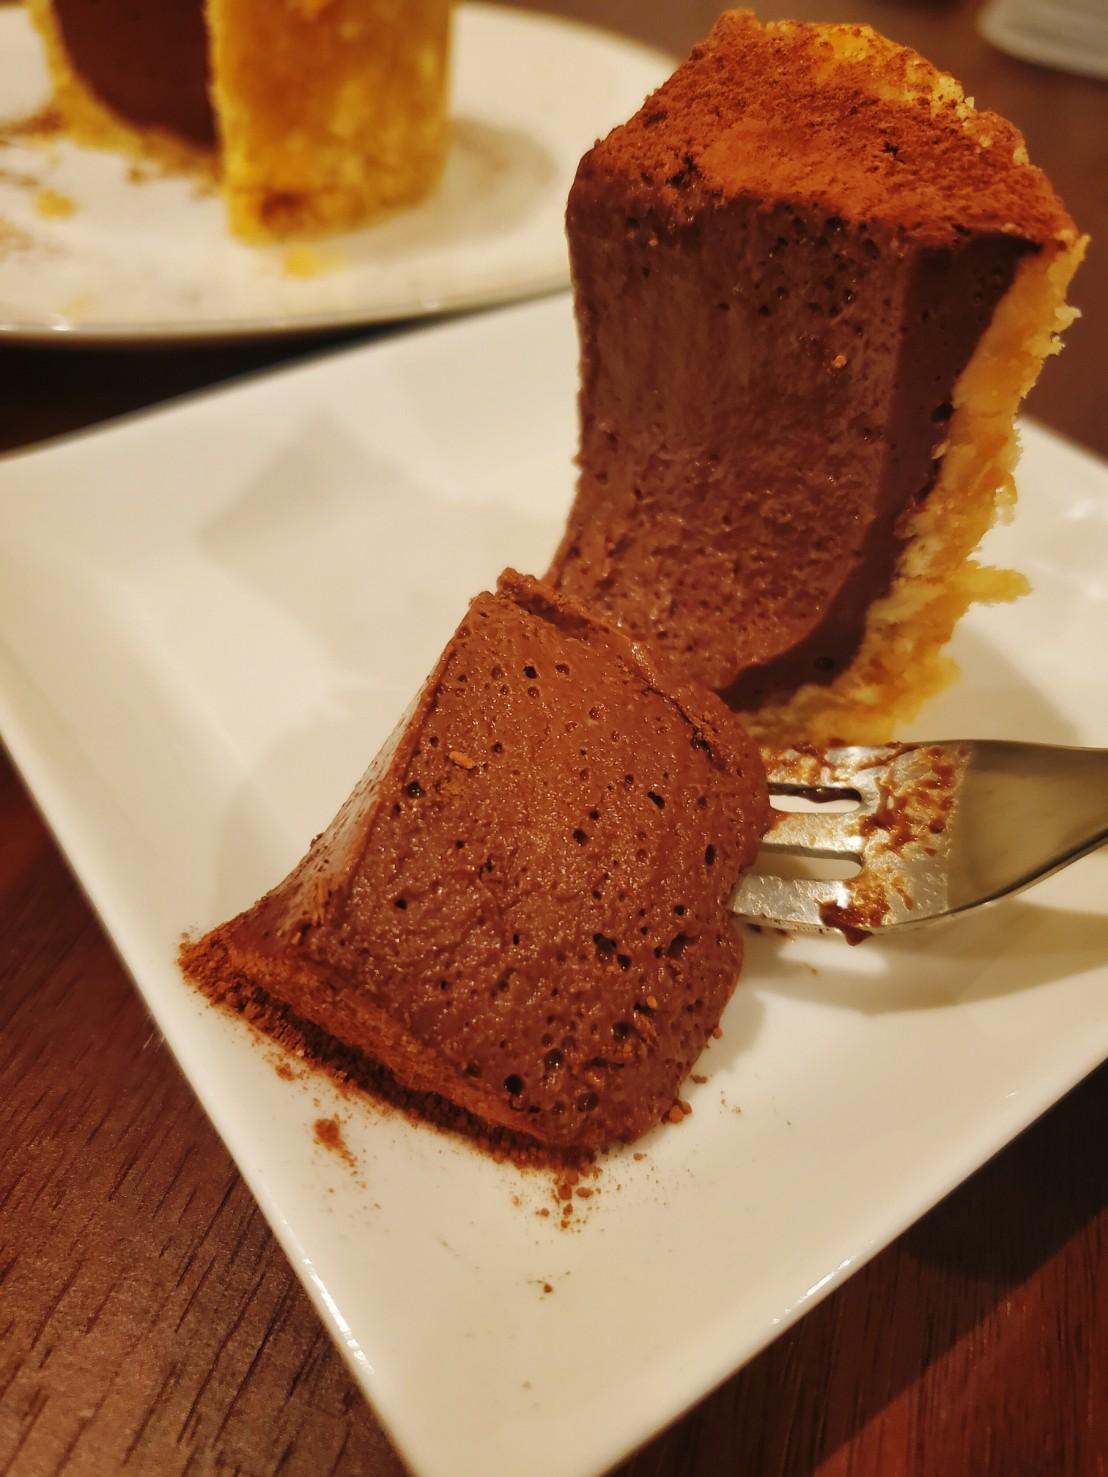 豆腐なのに濃厚❤️生チョコタルト